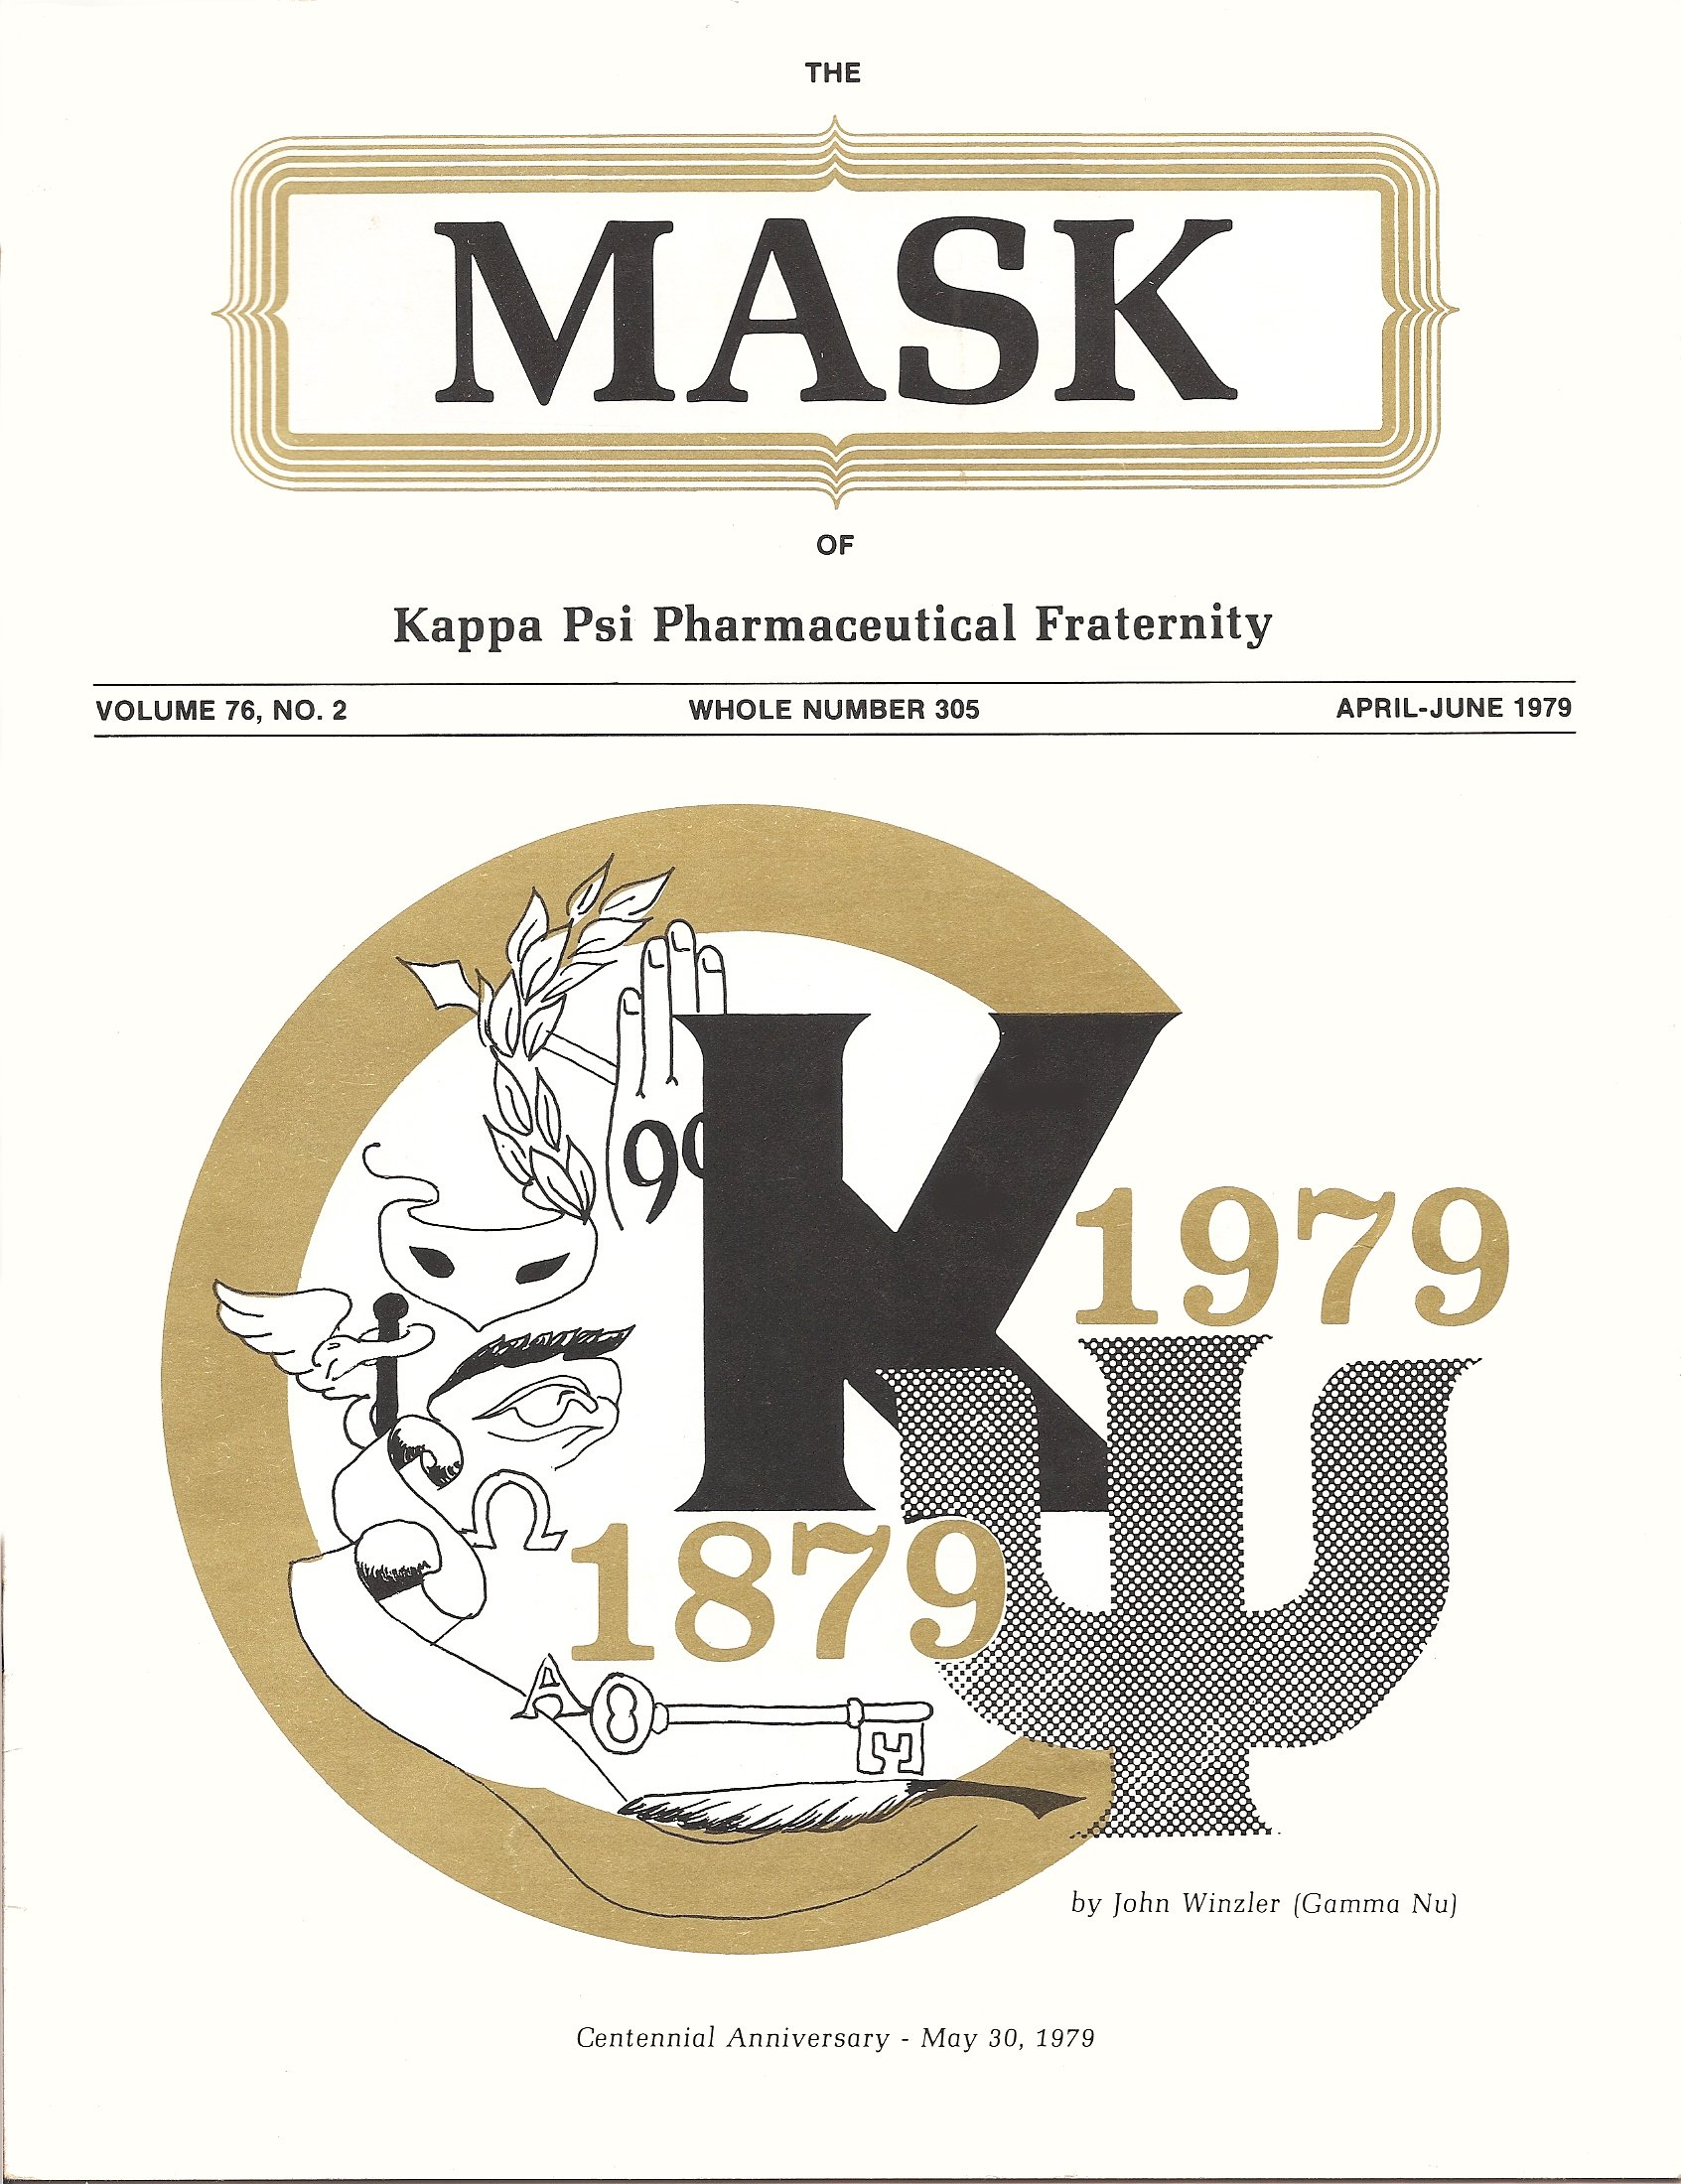 mask_cover_04_1979.jpg